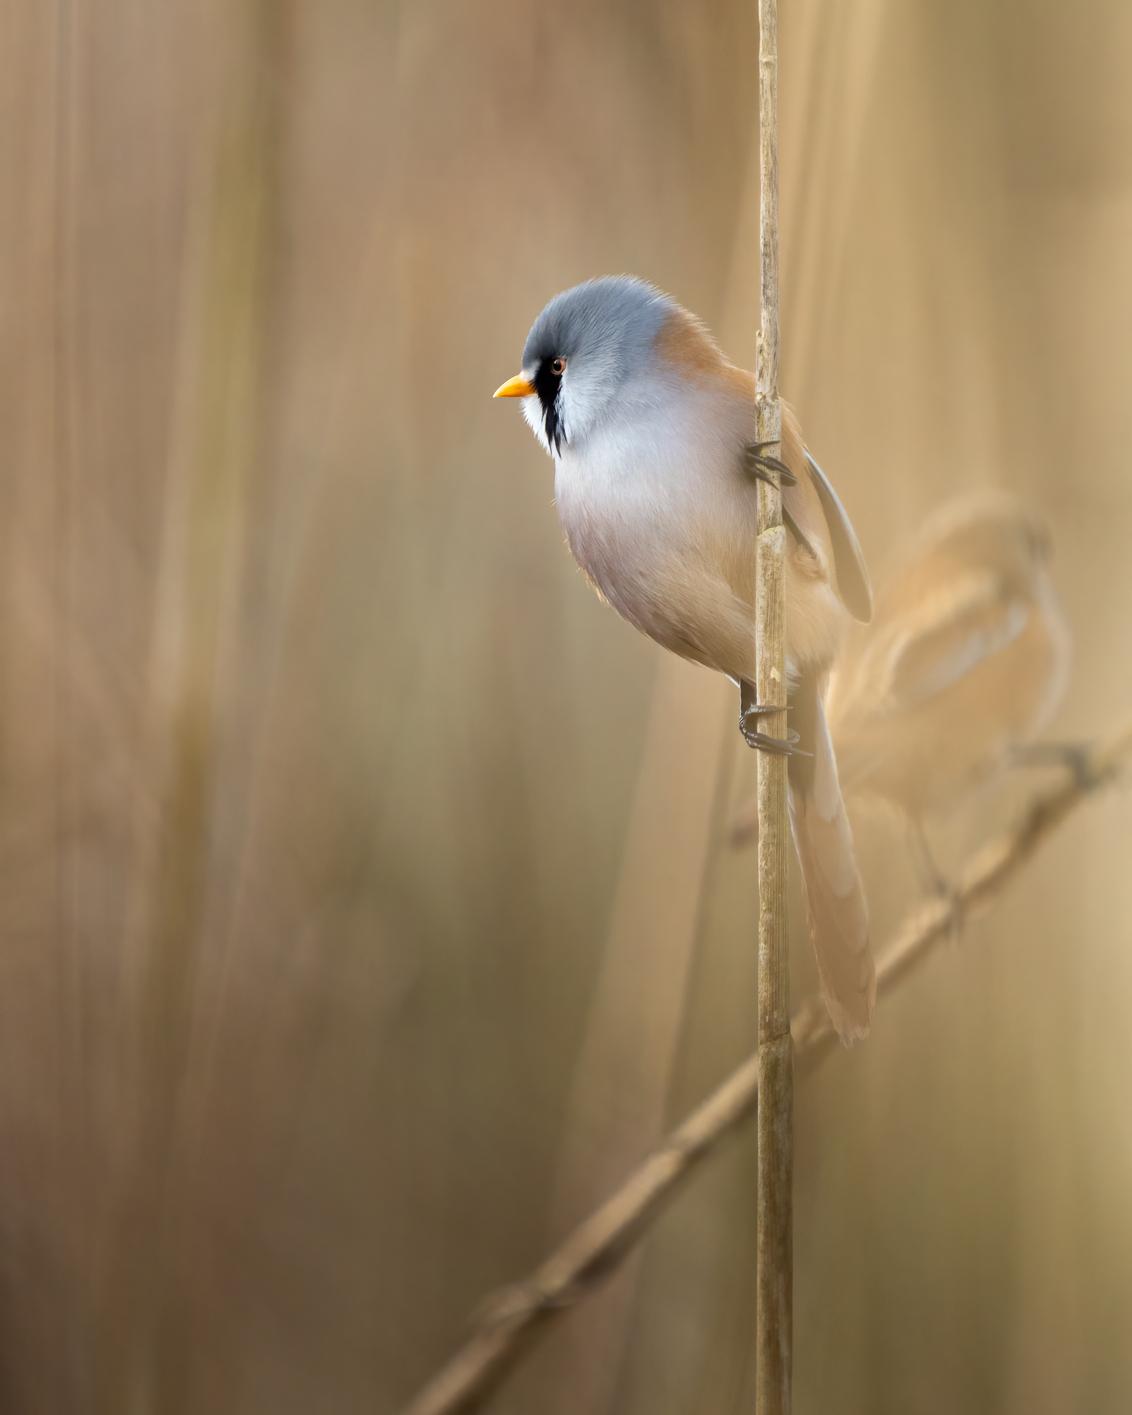 Baardmannetje - - - foto door Hendrik1986 op 19-01-2021 - deze foto bevat: vogel, wildlife, baardmannetje